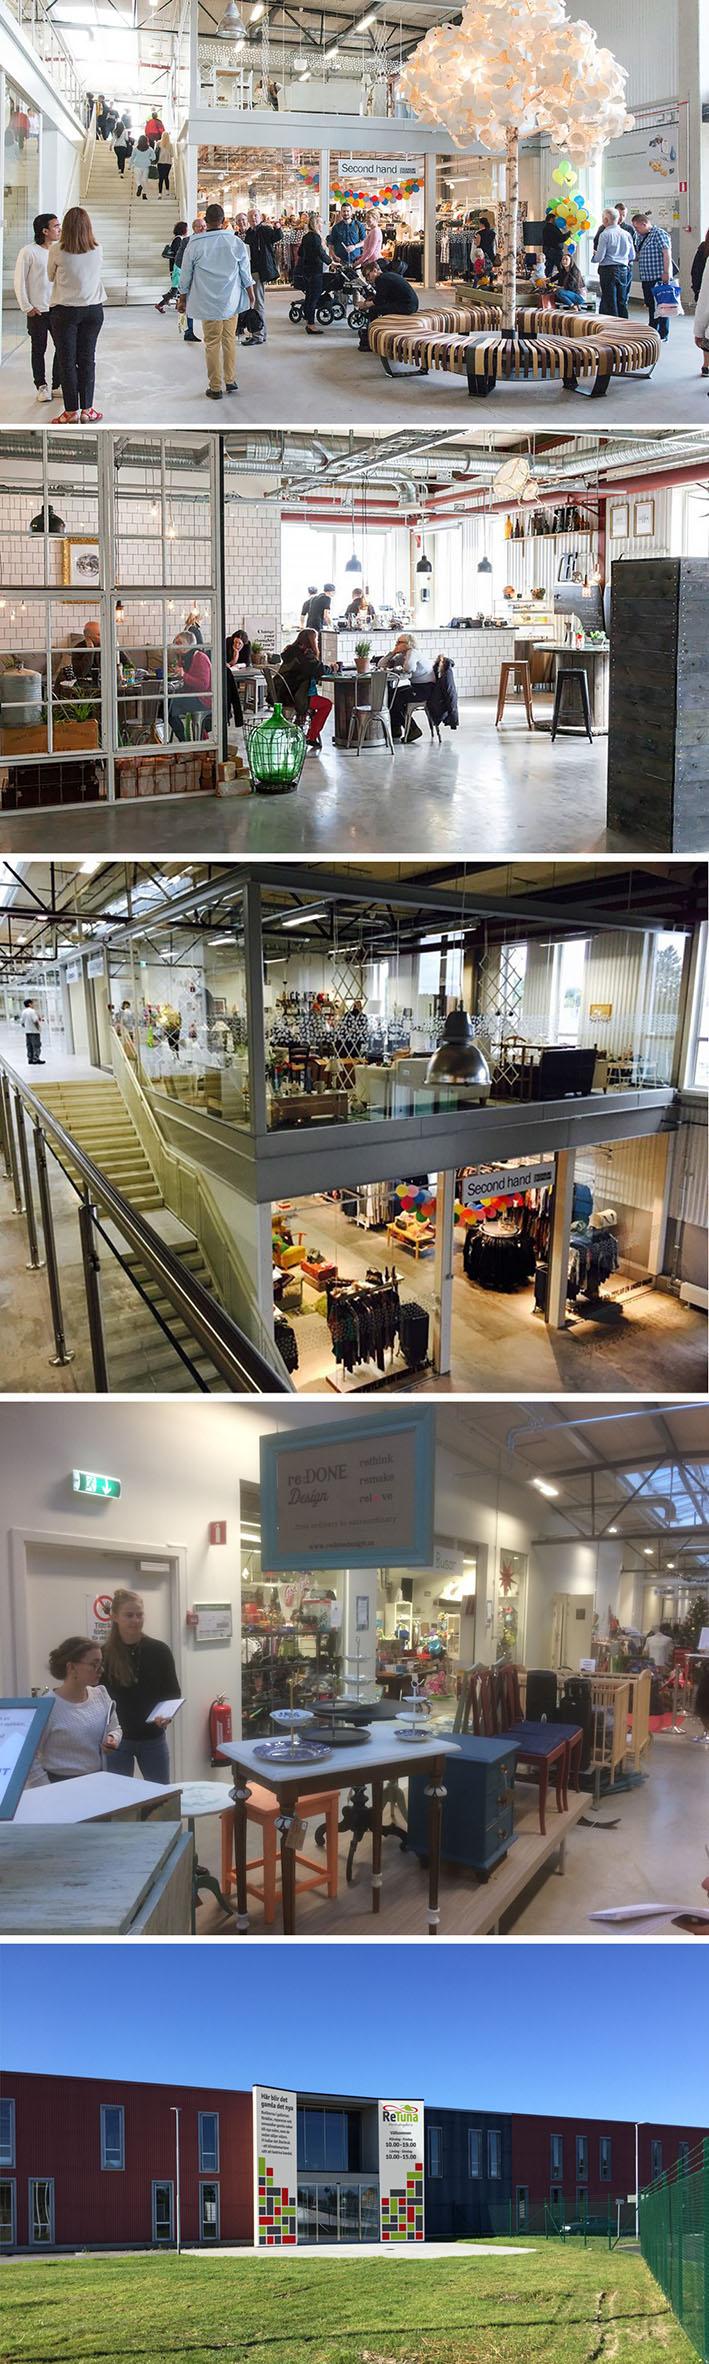 Suécia inaugura o primeiro shopping do mundo dedicado a produtos upcycling e reciclados stylo urbano